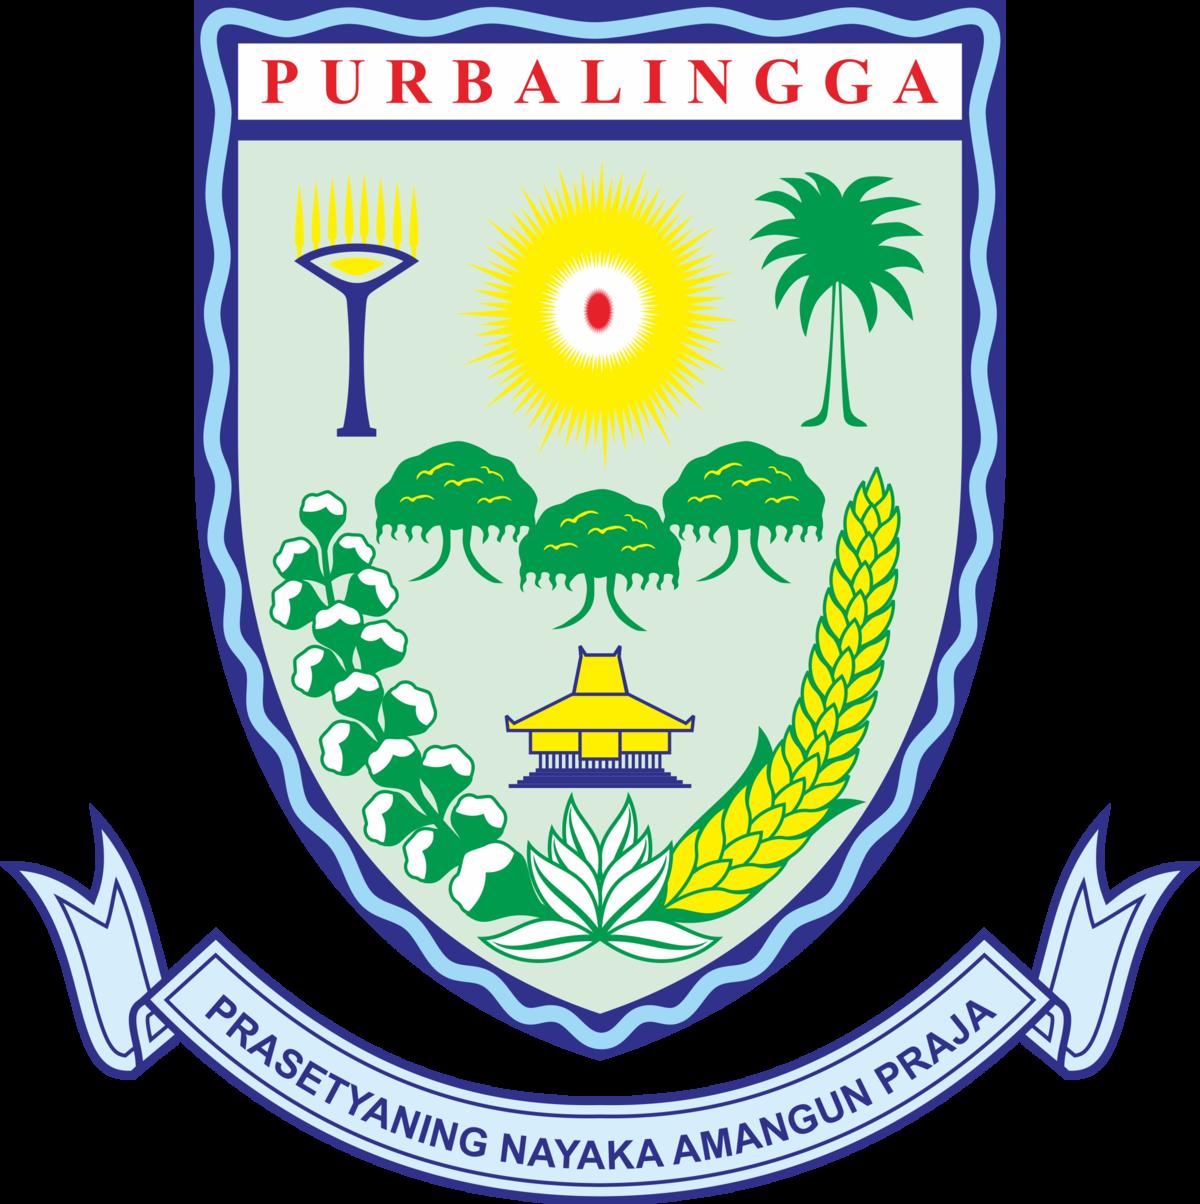 Kecamatan Purbalingga